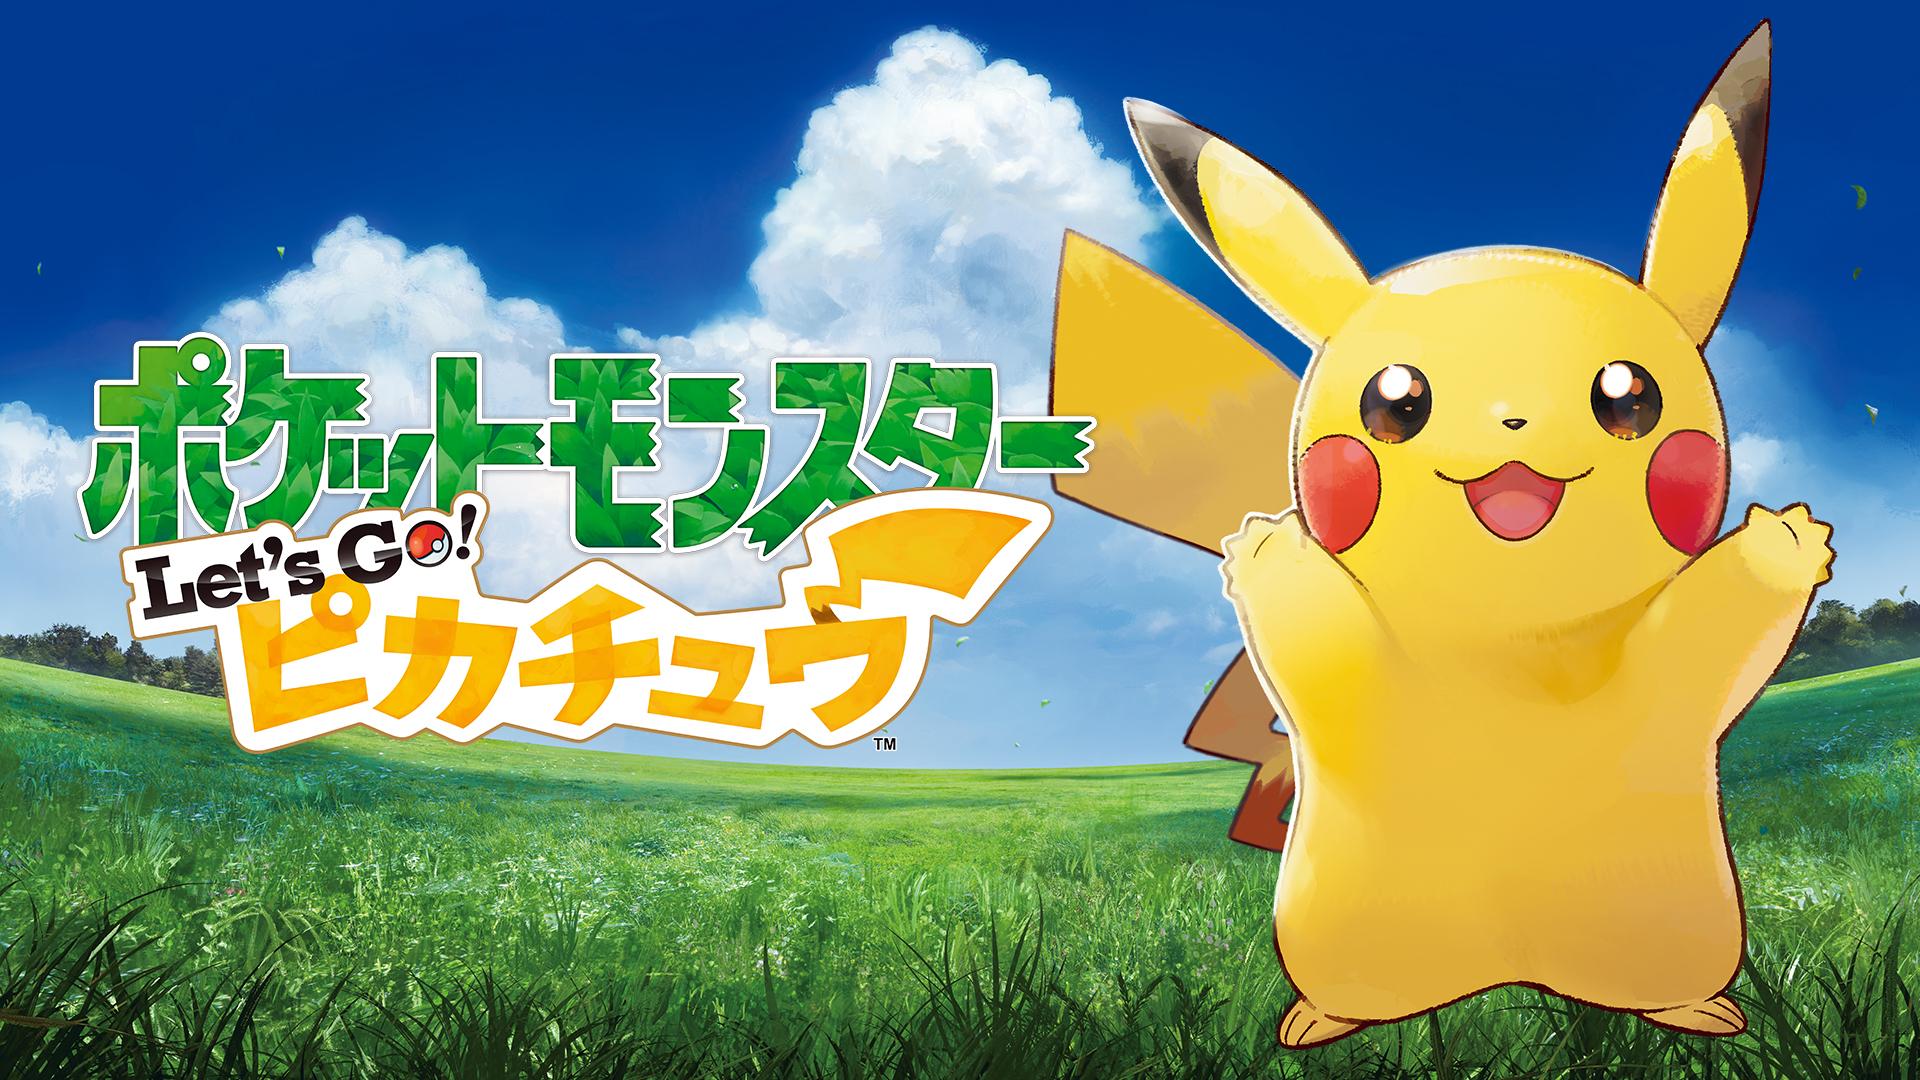 ソフト/ポケットモンスター let's go! ピカチュウ - switchsoft @ ウィキ